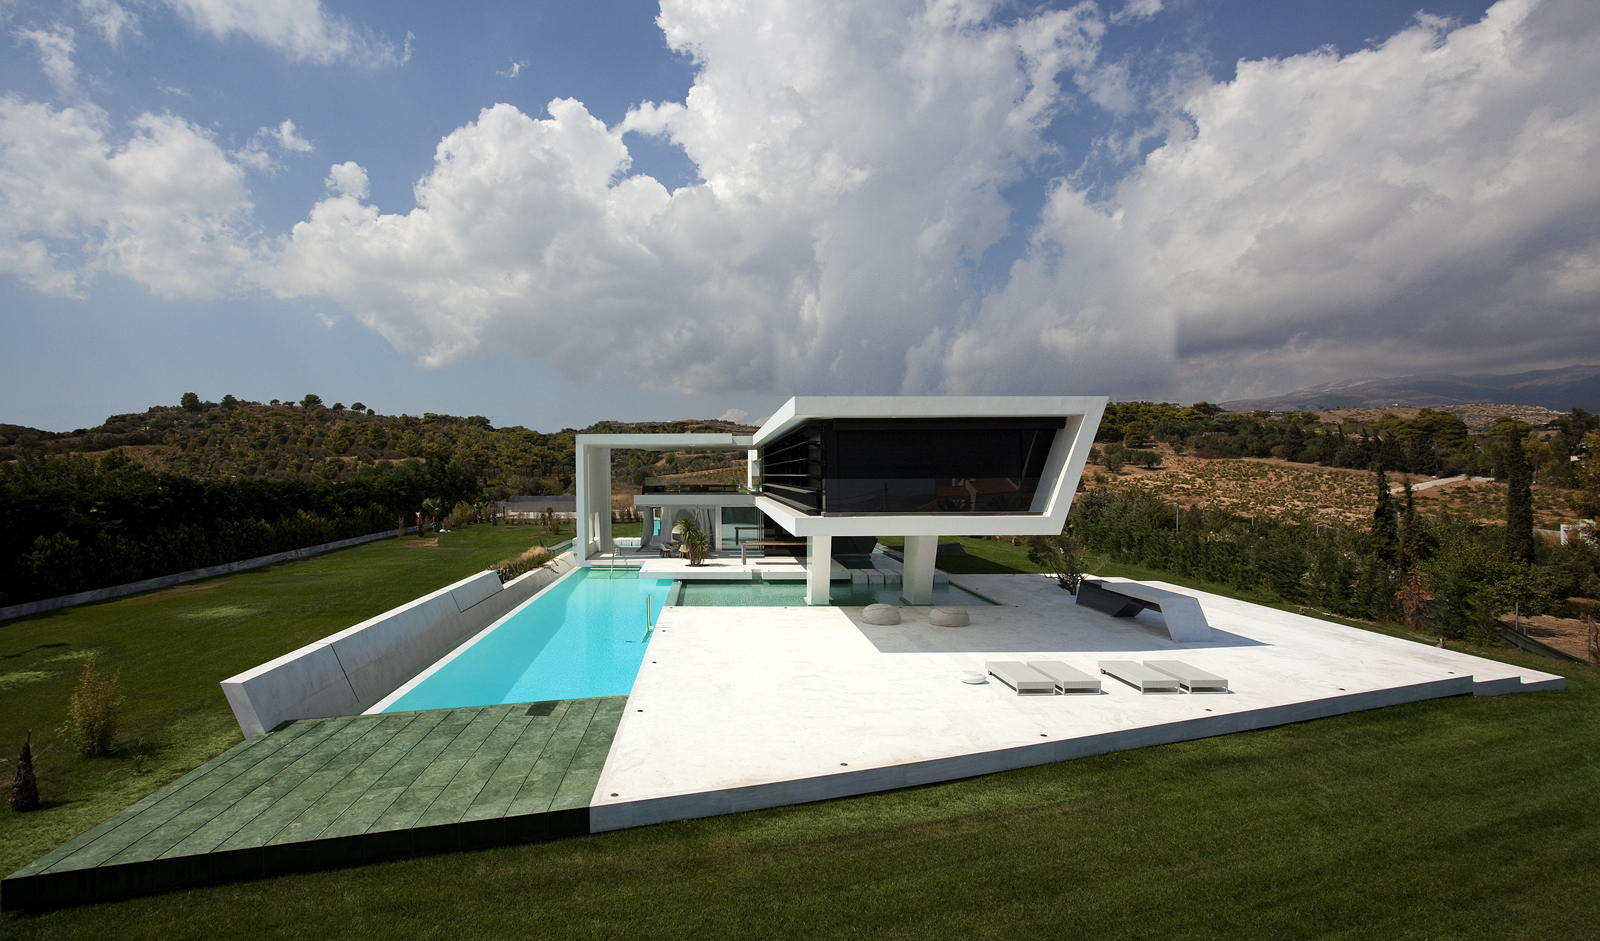 04 314 architecture studio